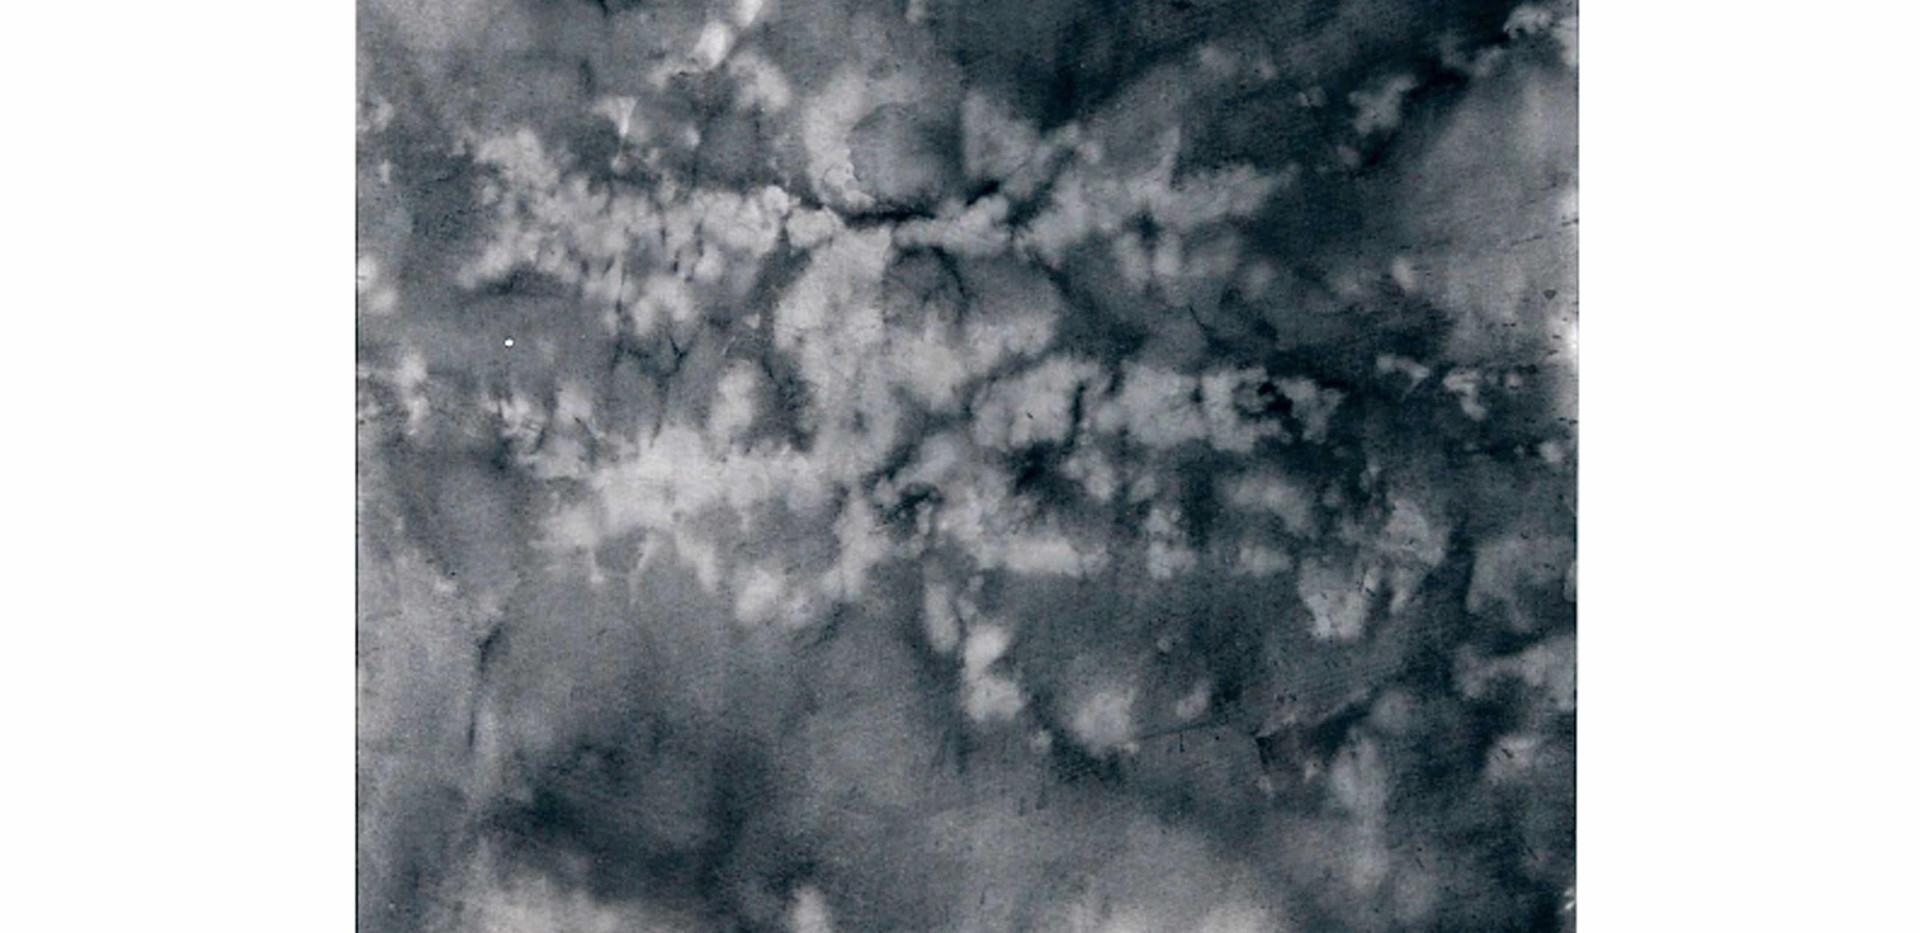 Reiko_Tsunashima_The_Galaxy_2010_130.0×8